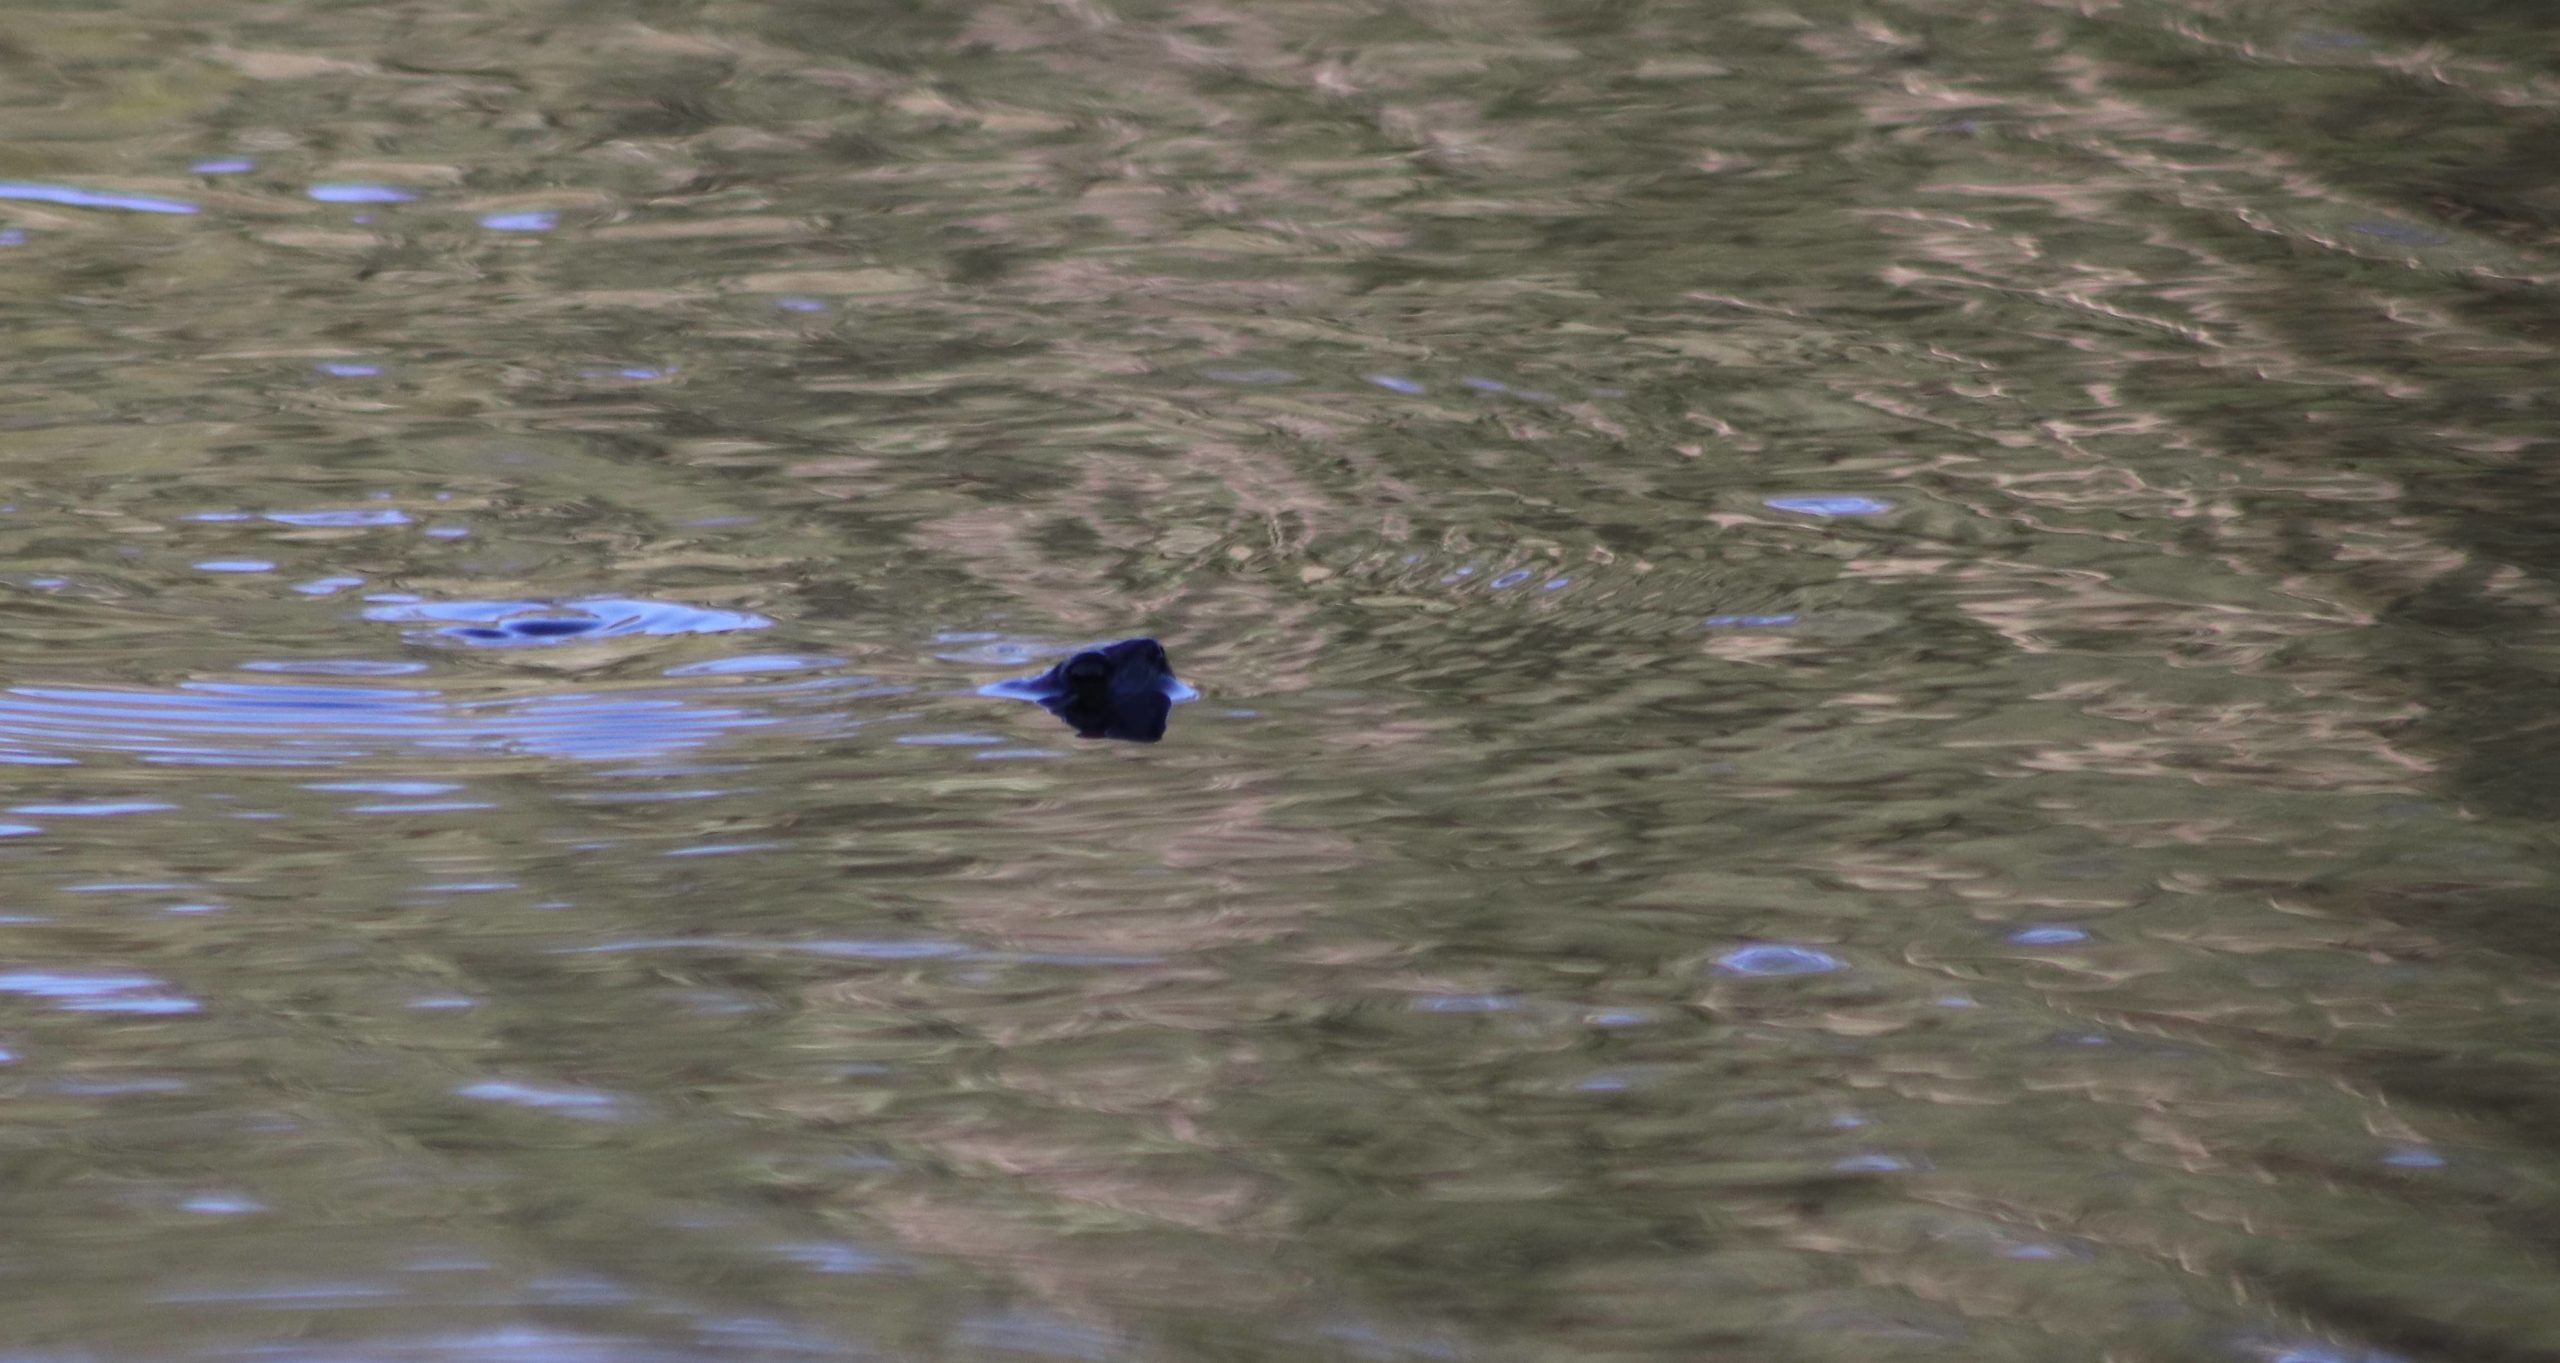 Tortue nageant dans l'étang